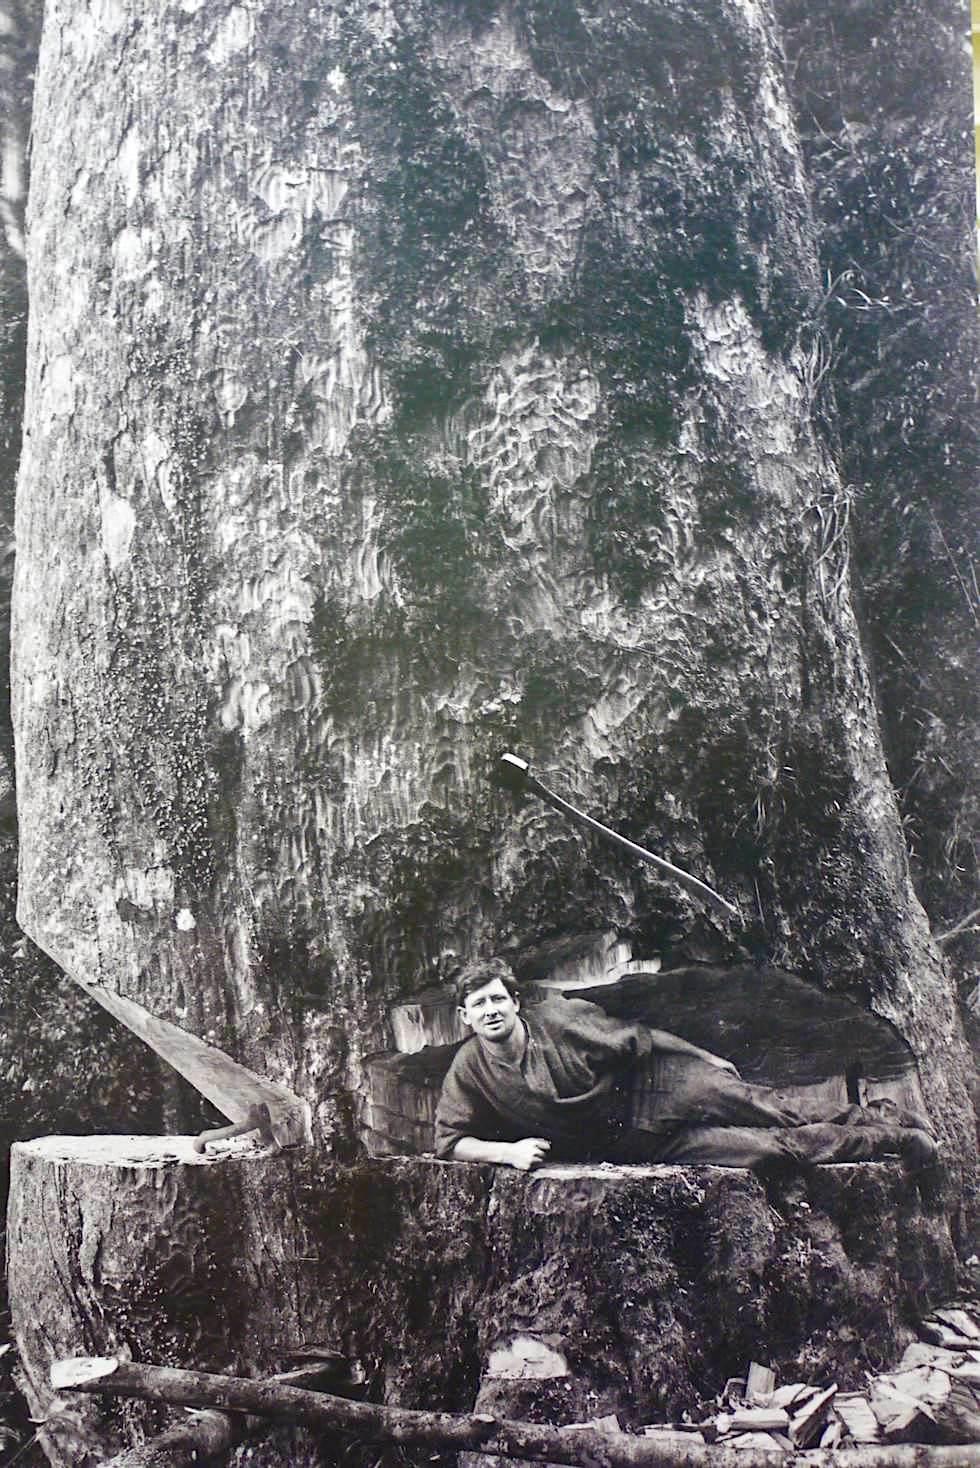 Kauri Baum - Der Pionierzeit der Holzfäller widmet sich das Kauri Museum - Nordinsel, Neuseeland